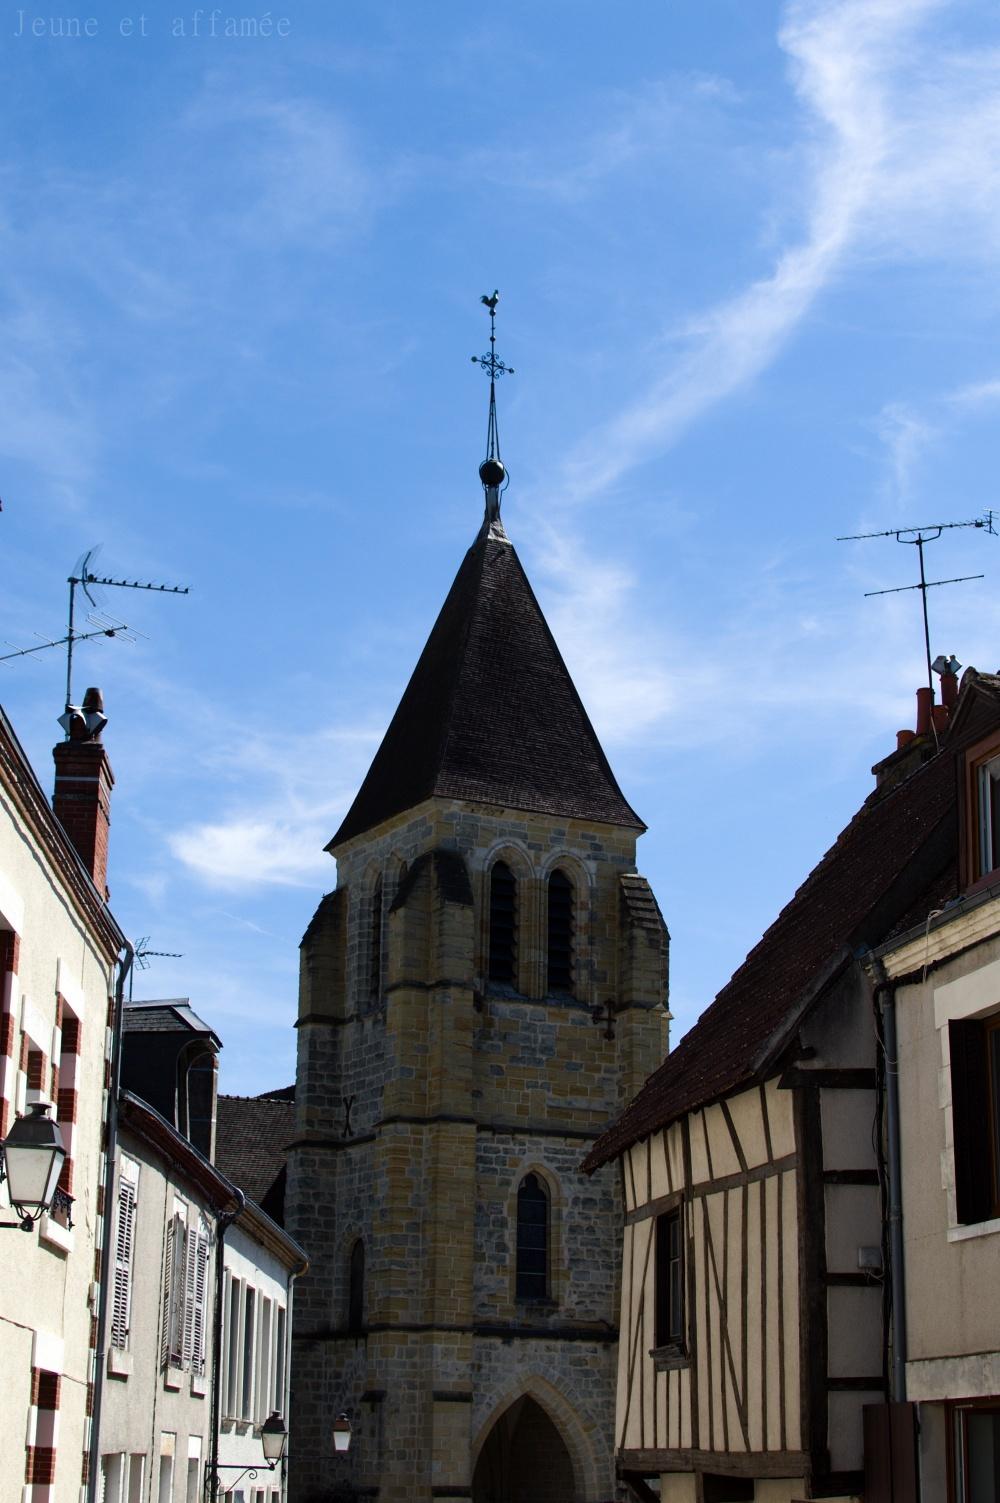 Clocher de l'église Notre-Dame, Vierzon